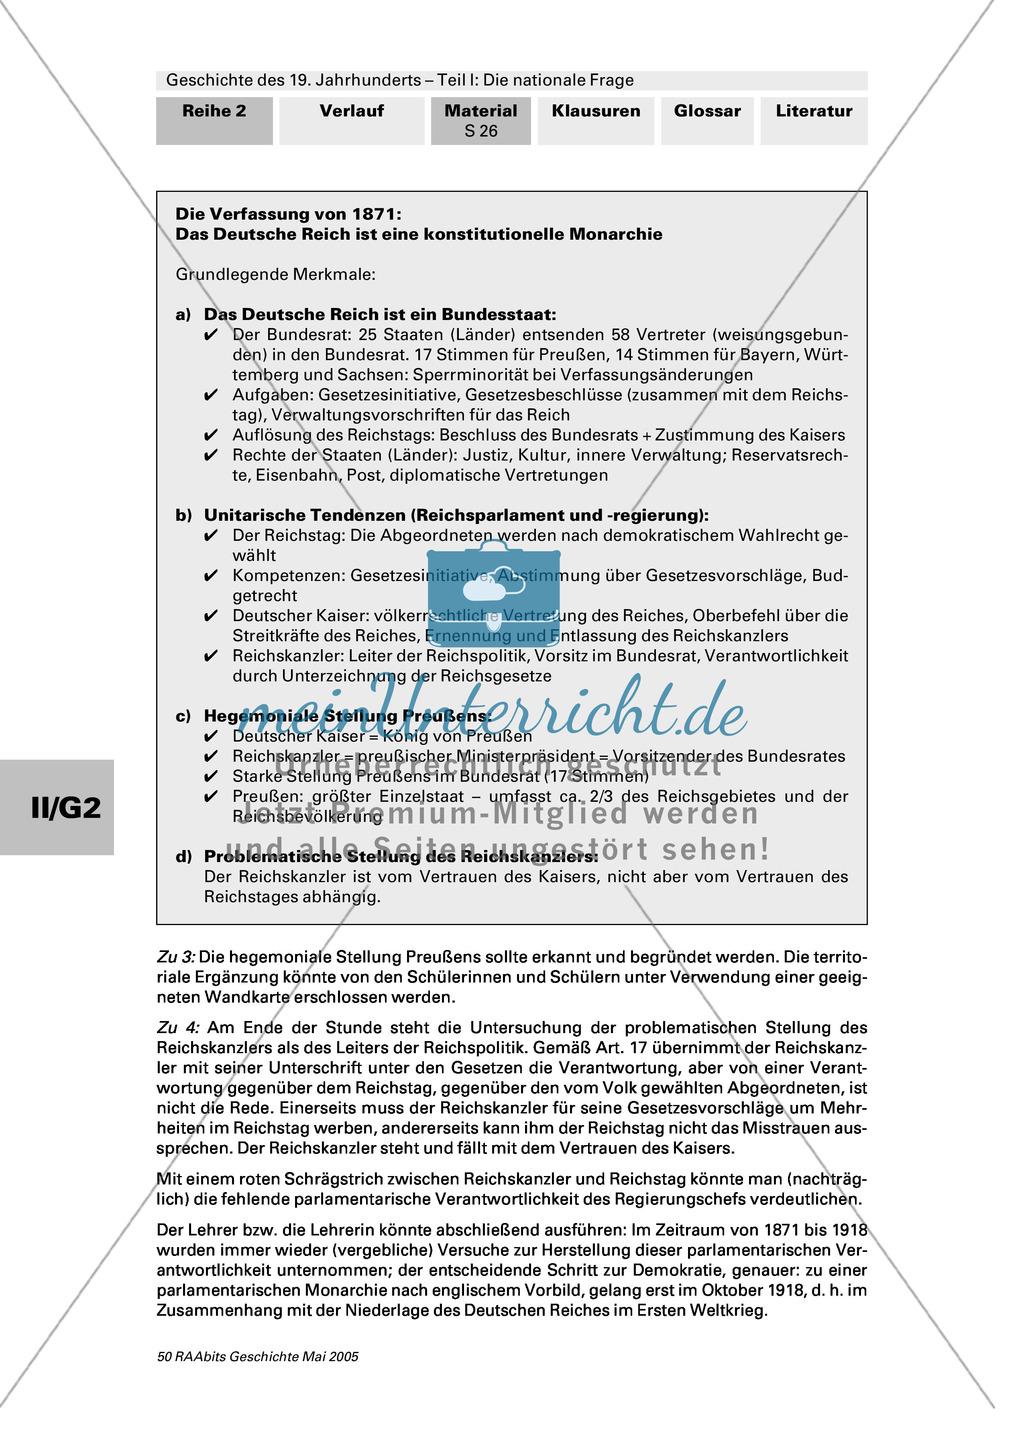 Geschichte des 19. Jahrhunderts: Die Verfassung des Deutschen Reiches von 1871 Preview 3